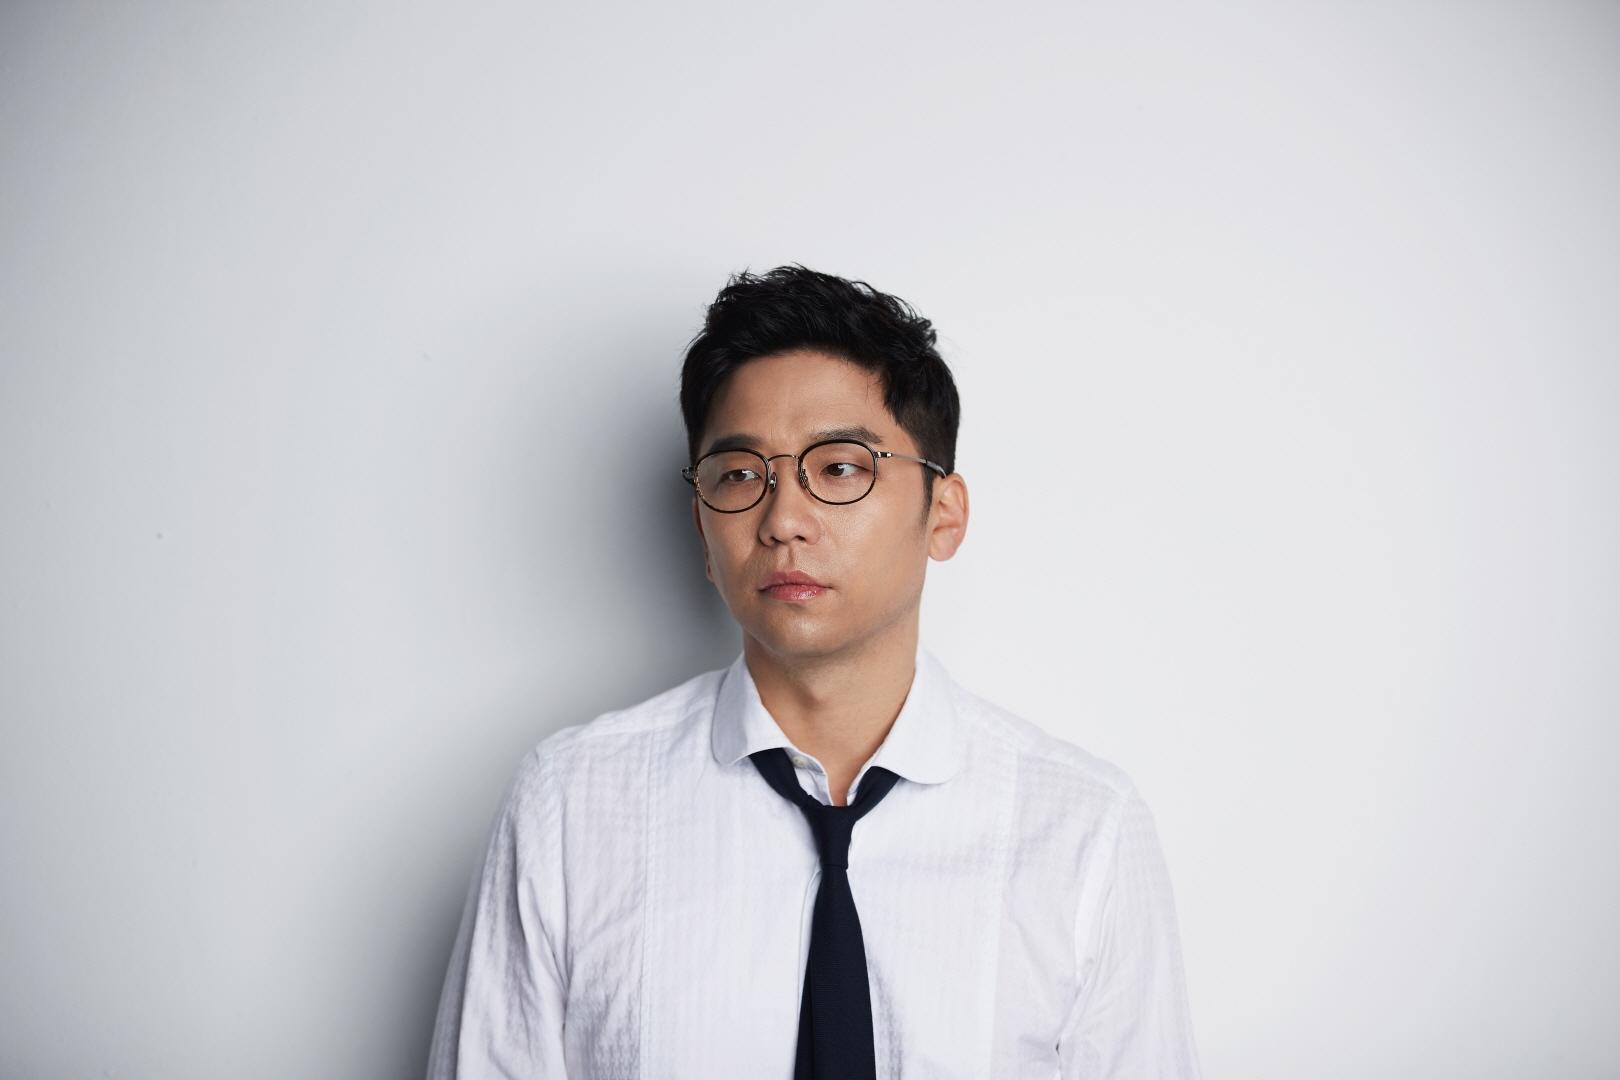 이적, 신곡 '나침반'에 윤종신-존박-헤이즈-장재인-다비치 응원 행렬